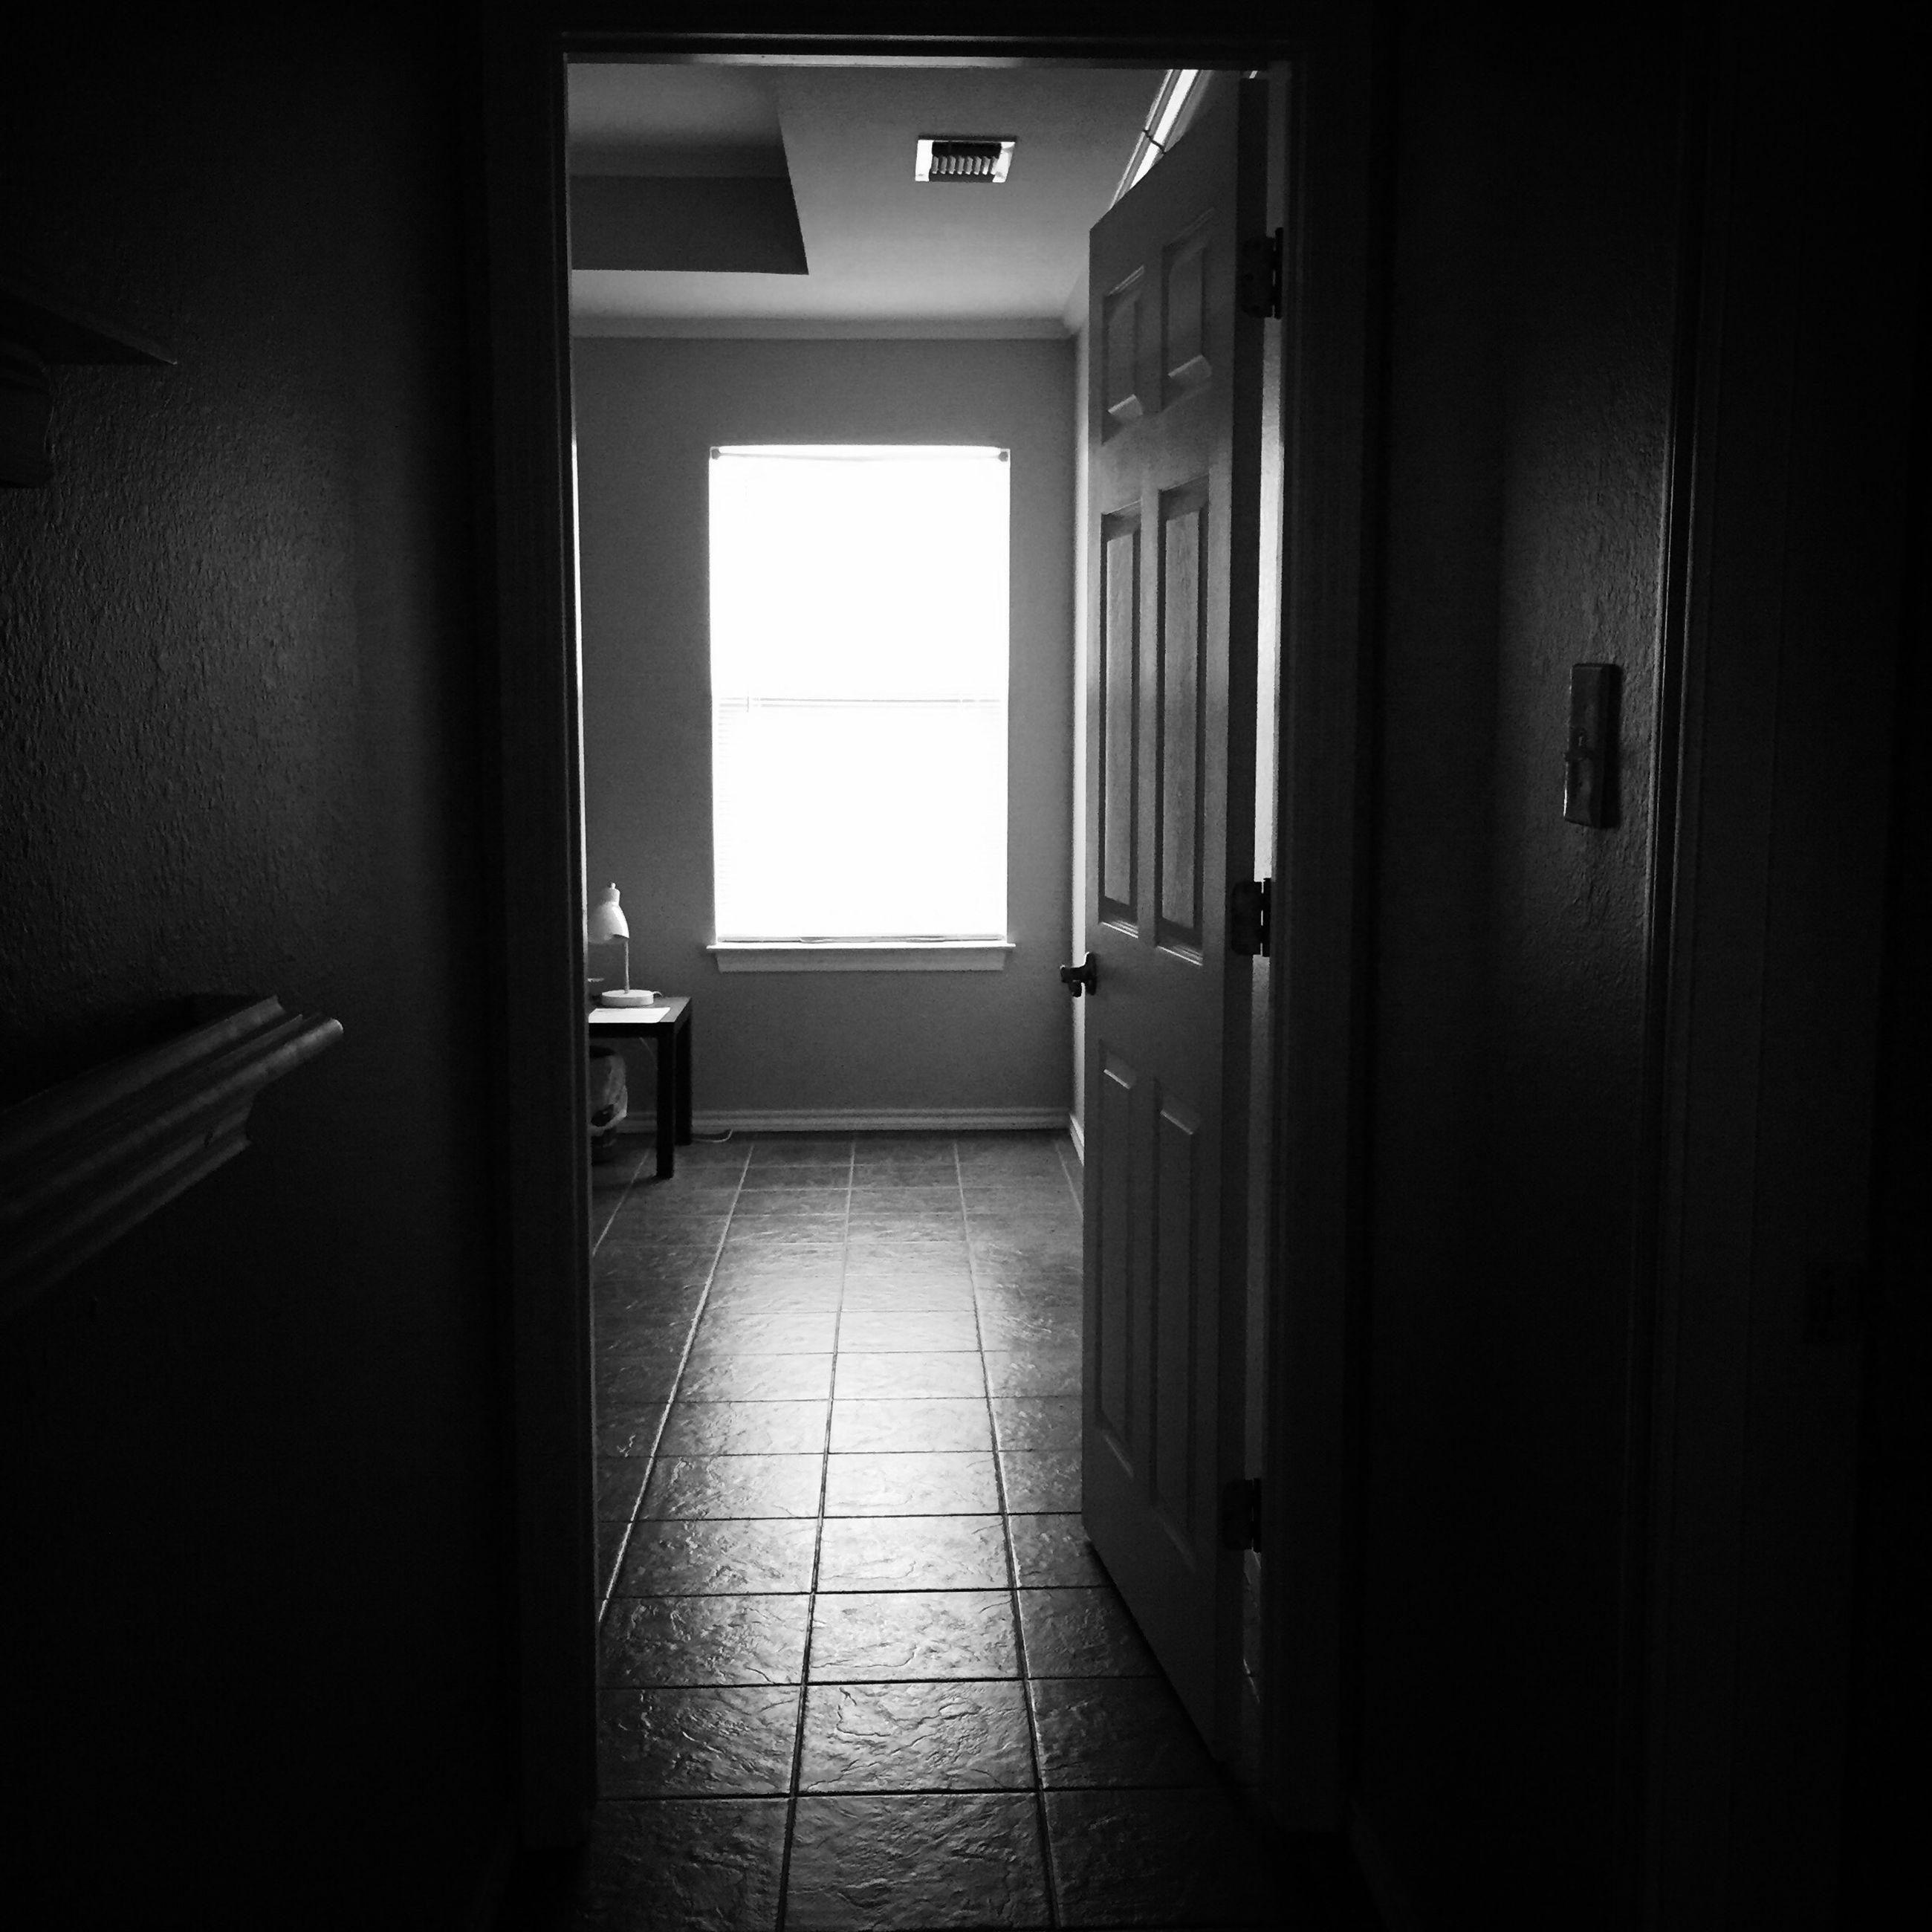 door, indoors, no people, architecture, day